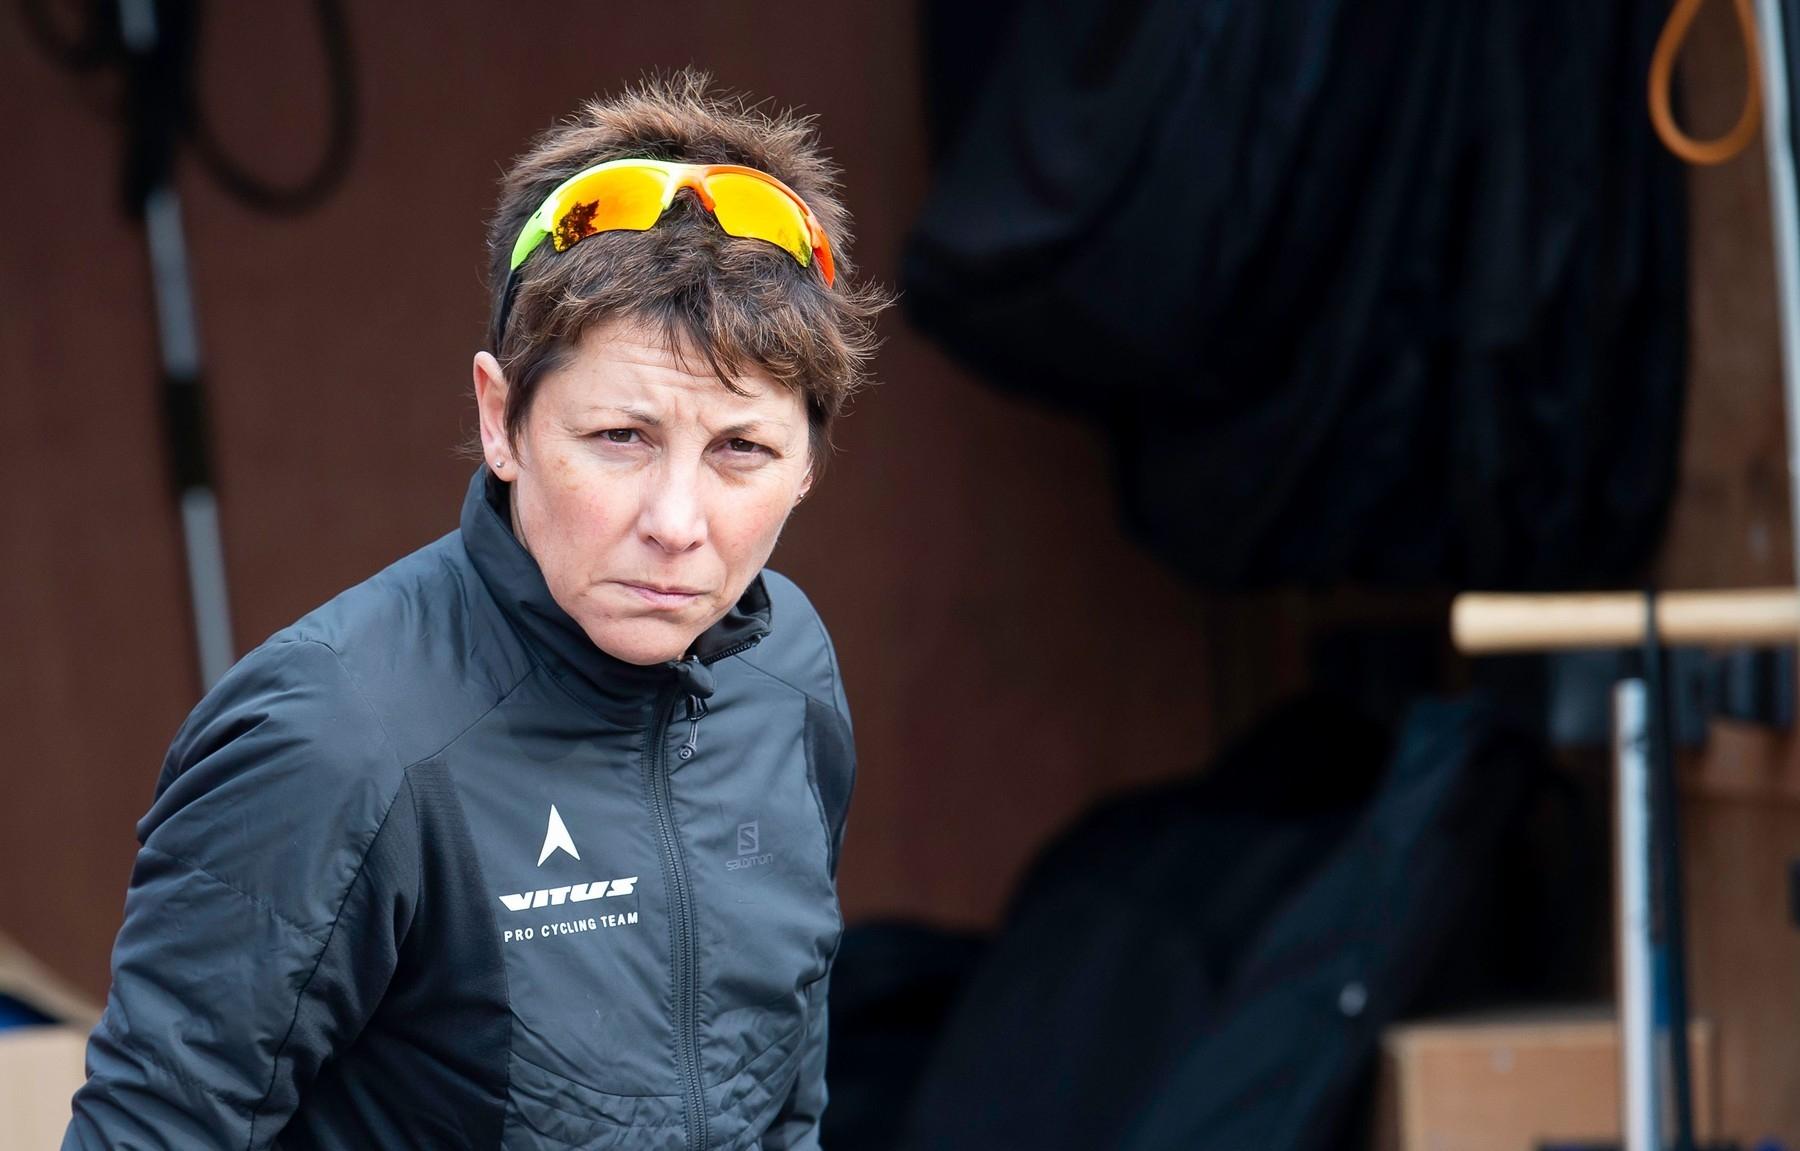 Cherie Pridhamová je novou sportovní ředitelkou týmu Israel Start-Up Nation. Poprvé v historii povede tým ve World Tour žena. Foto: profimedia